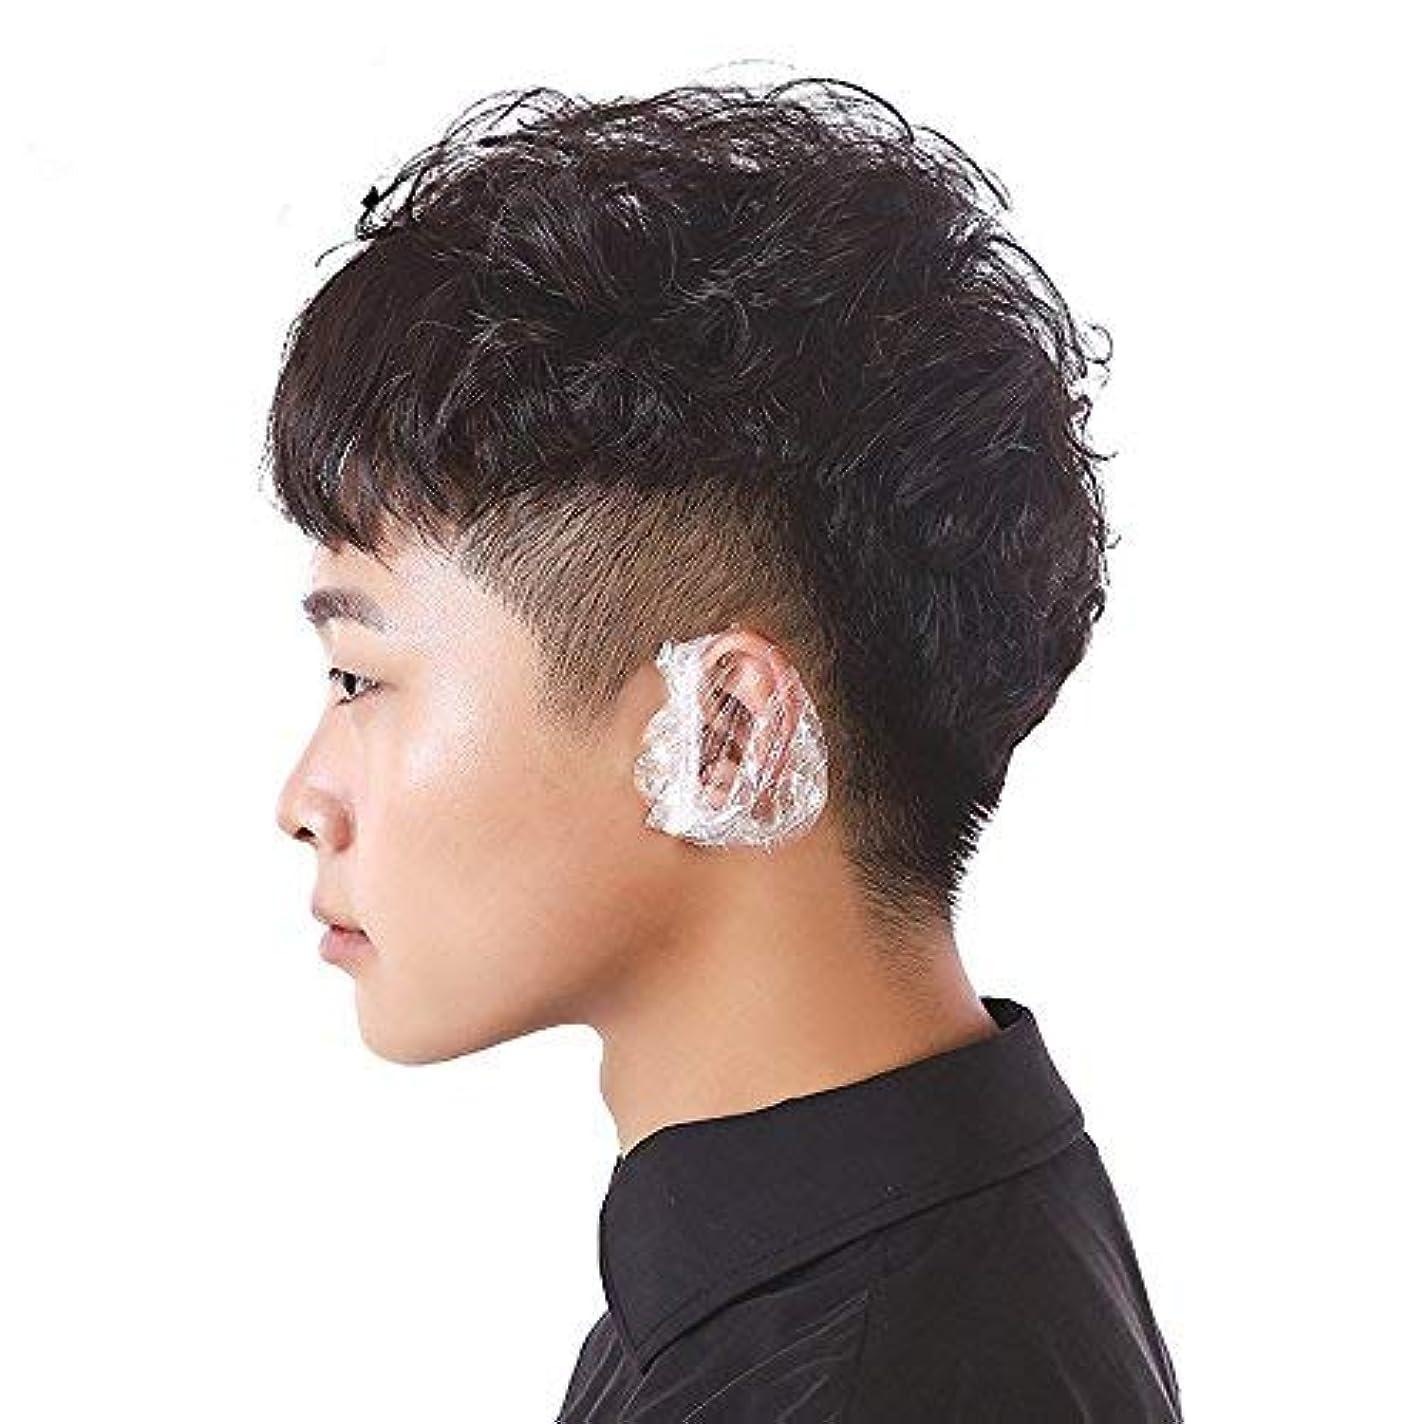 十代ヒット完全に乾くMilent イヤーキャップ 耳カバー 使い捨て 簡単 装着 衛生的 透明 毛染め 100pcs